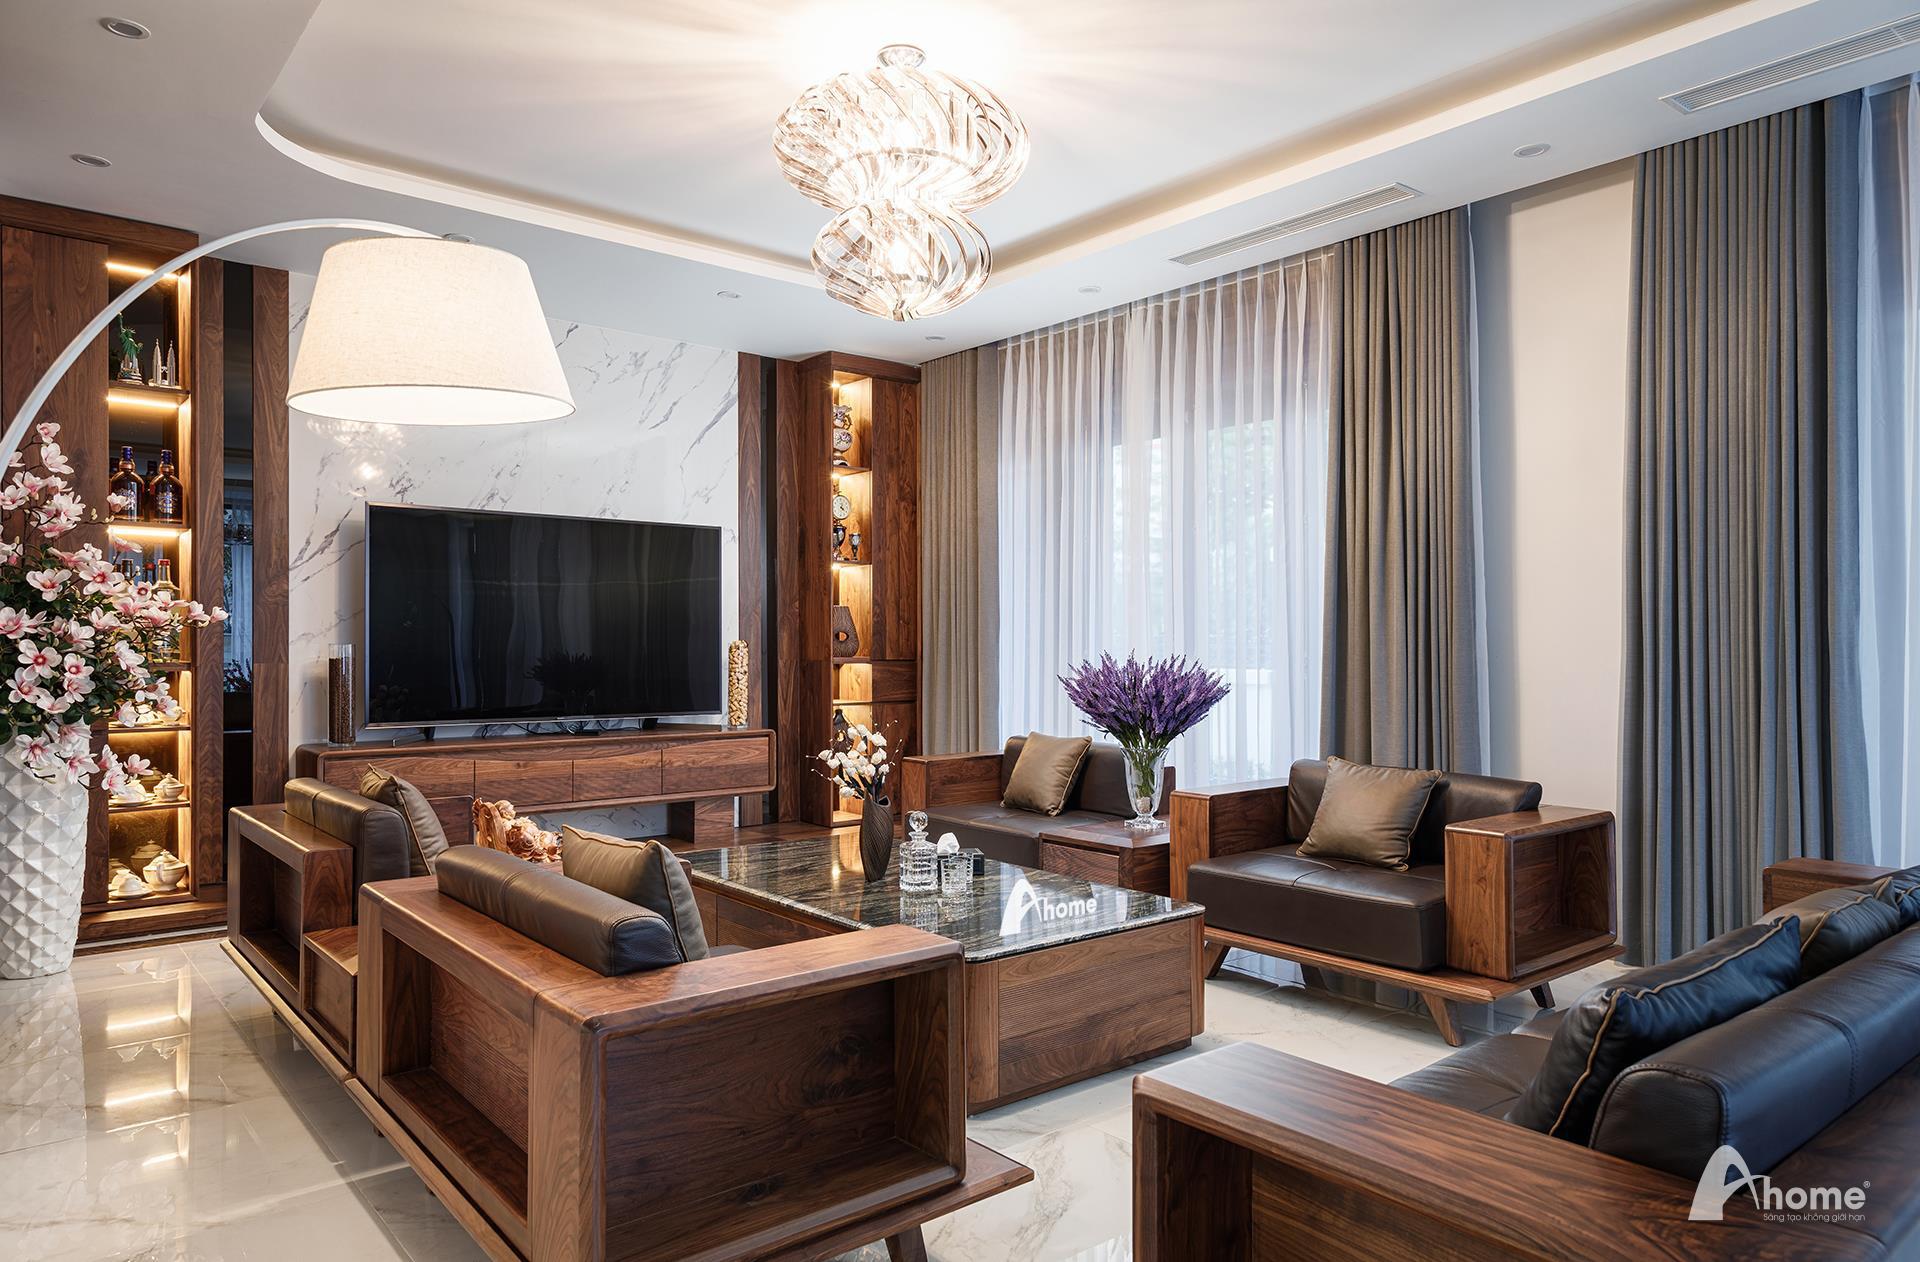 Nội thất gỗ óc chó Ahome khơi gợi cảm hứng hiện đại, tiện nghi và sang trọng cho không gian gia đình - Ảnh 1.